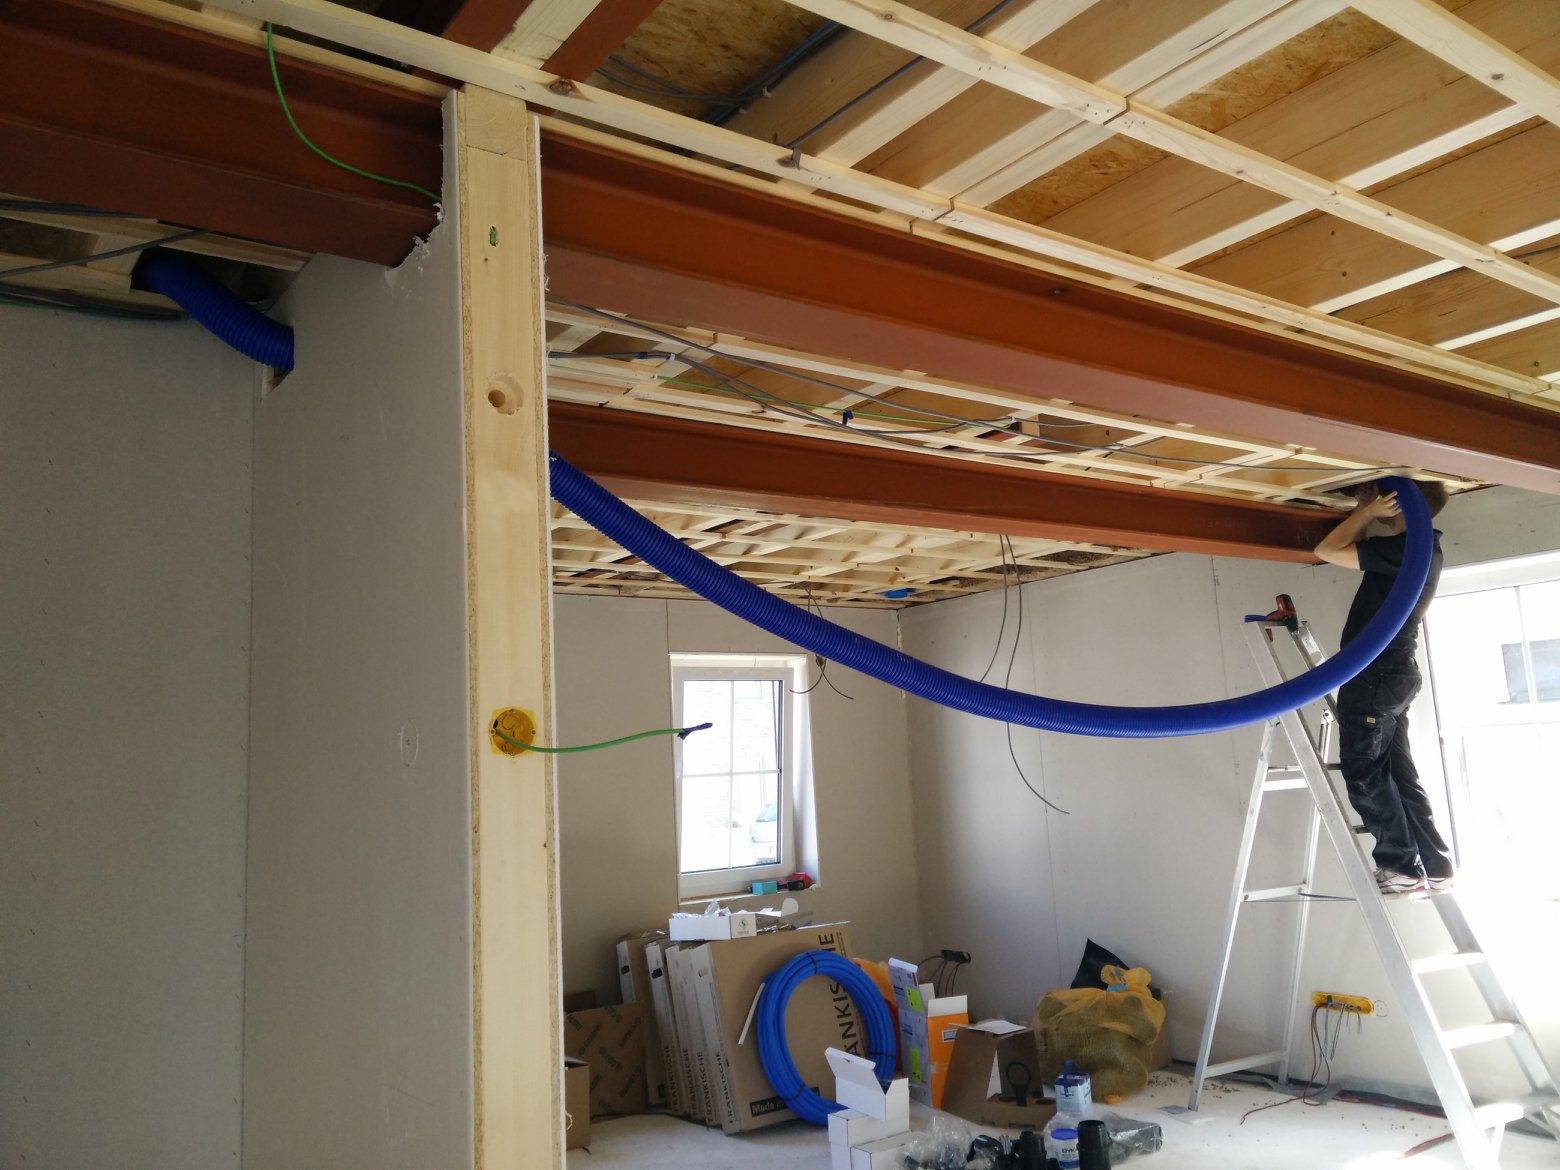 Bjorn en julie bouwen!: week 3 & 4   elektriciteit & ventilatie